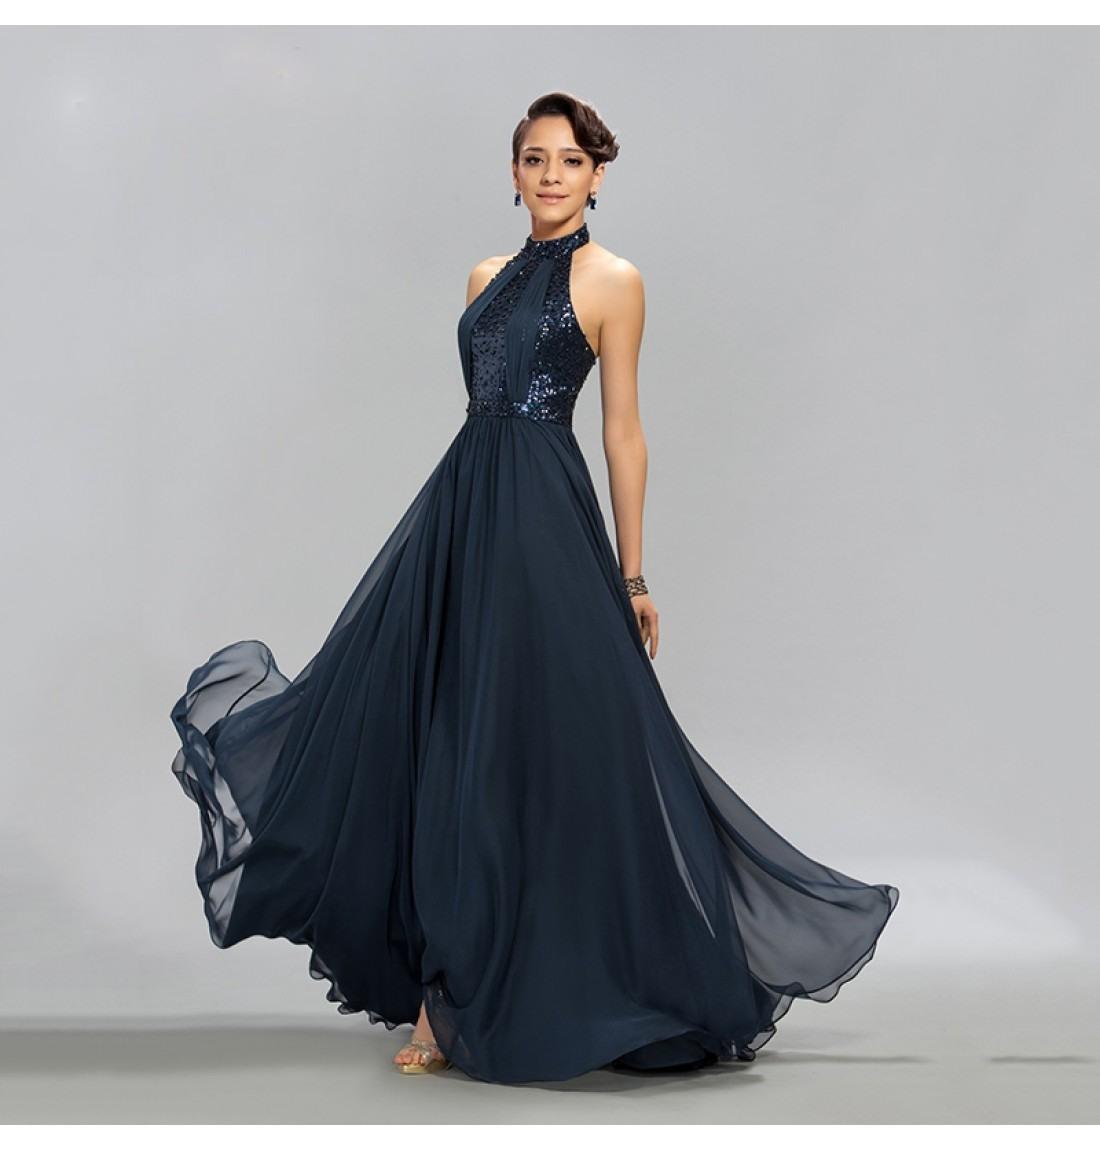 10 Genial Neckholder Abendkleid für 201917 Top Neckholder Abendkleid für 2019